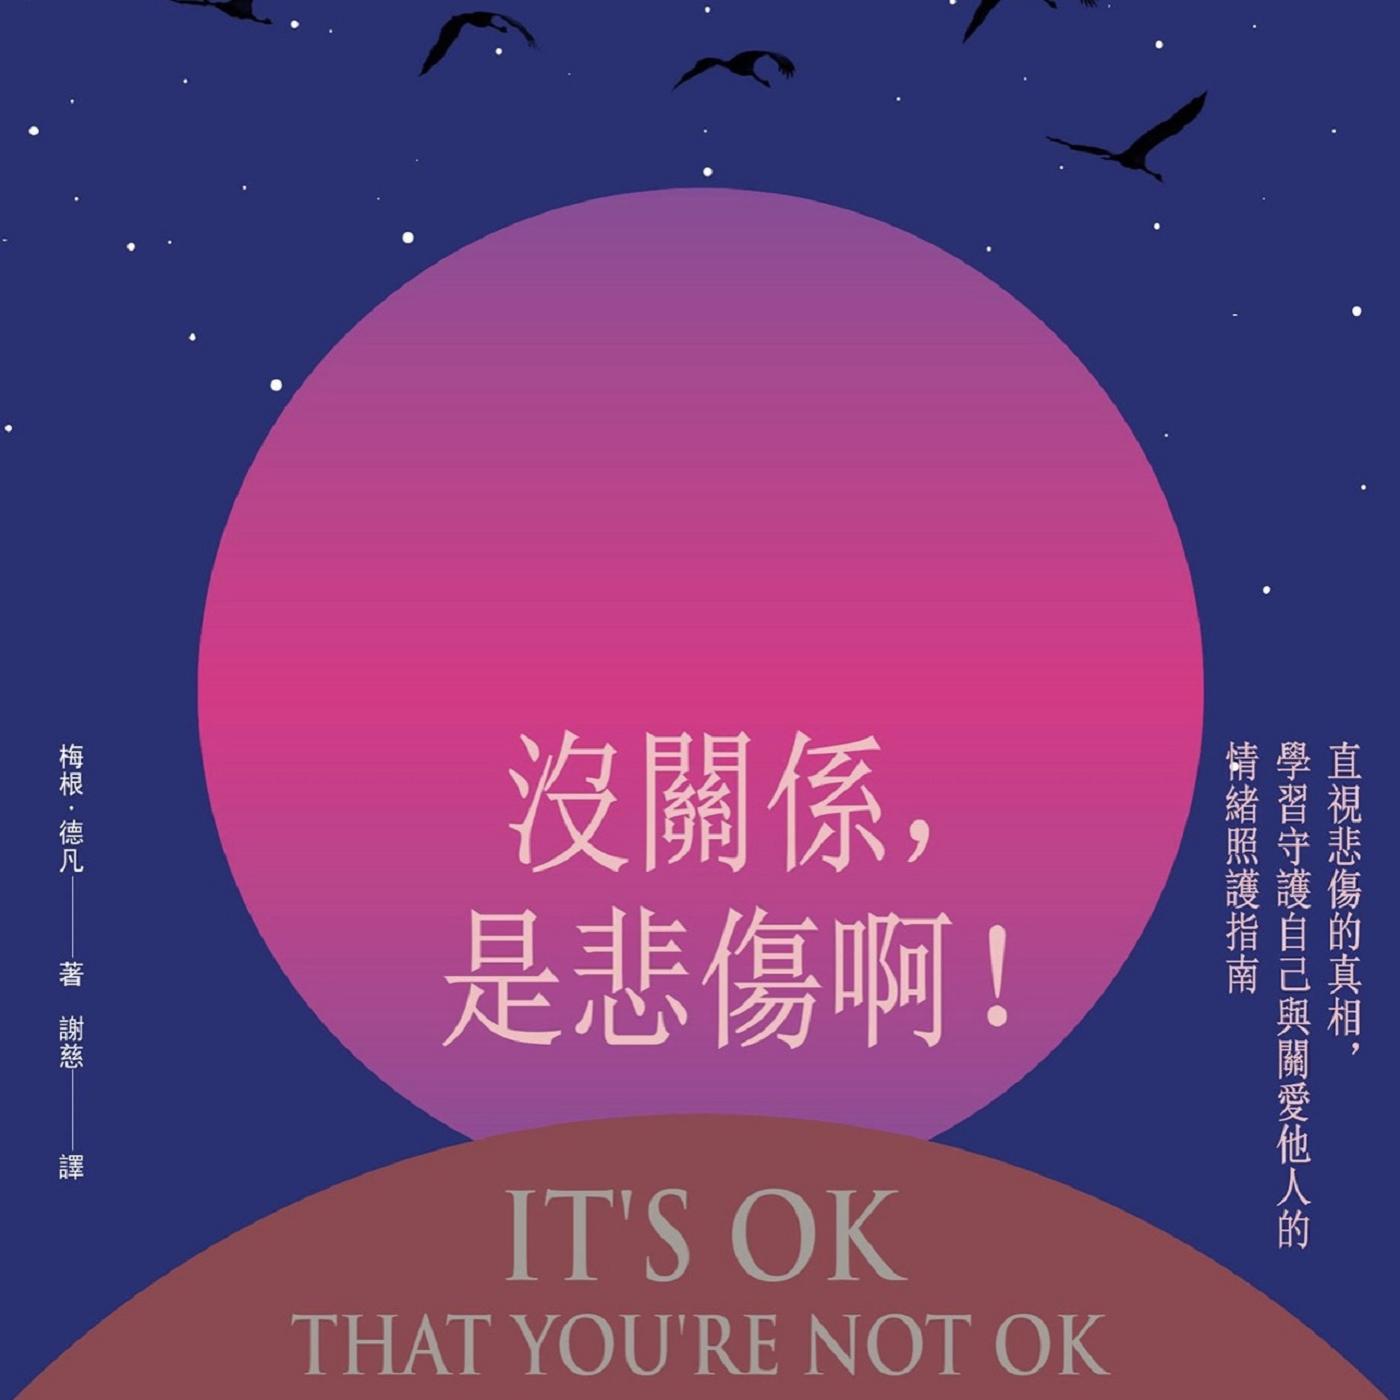 [說書好不好] 預告:《沒關係,是悲傷啊!》It's OK that You're Not OK. (Readmoo讀墨贊助電子書)